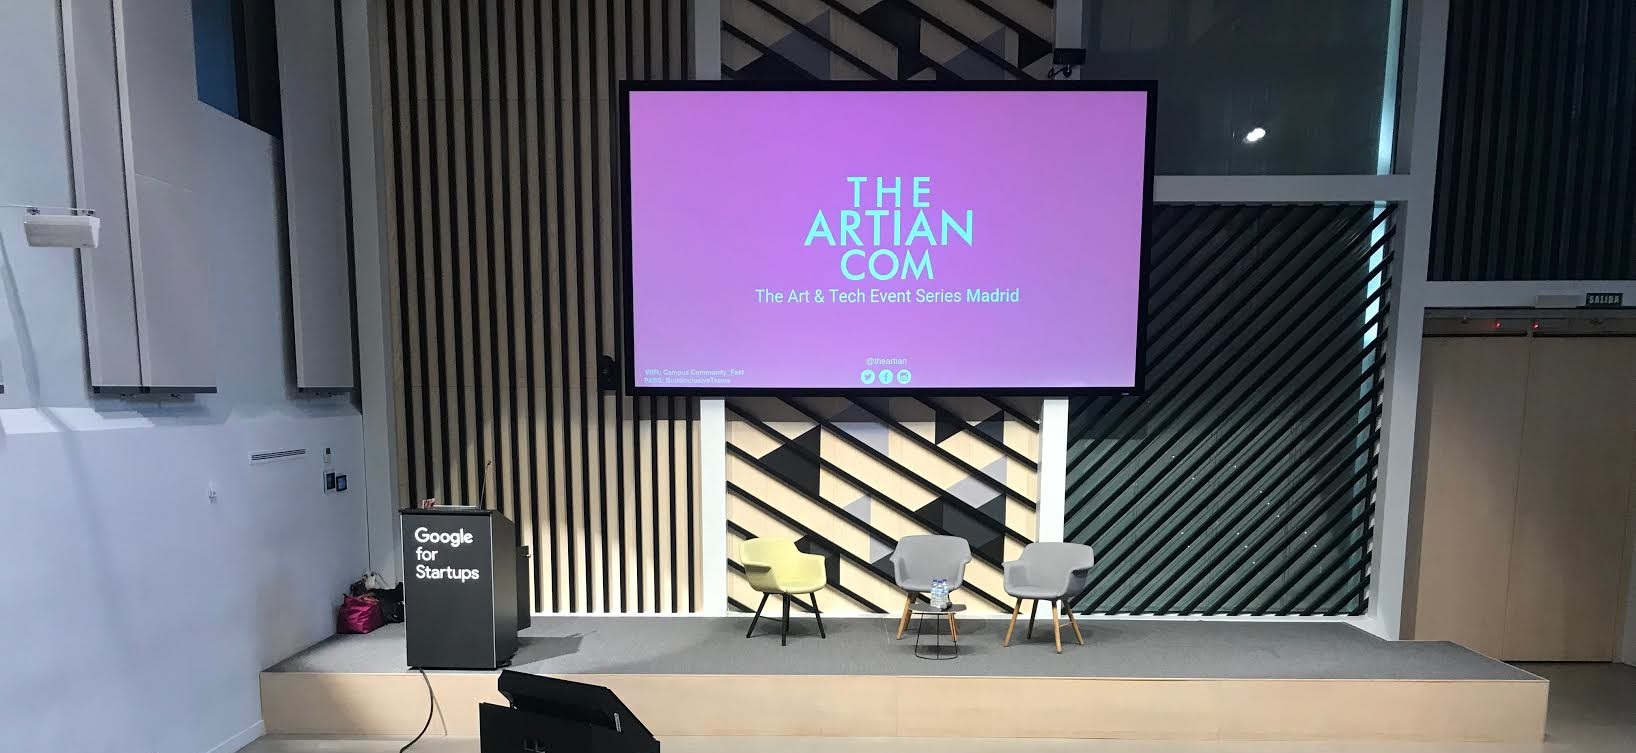 Google Campus, una fábrica de ideas emprendedoras en Madrid